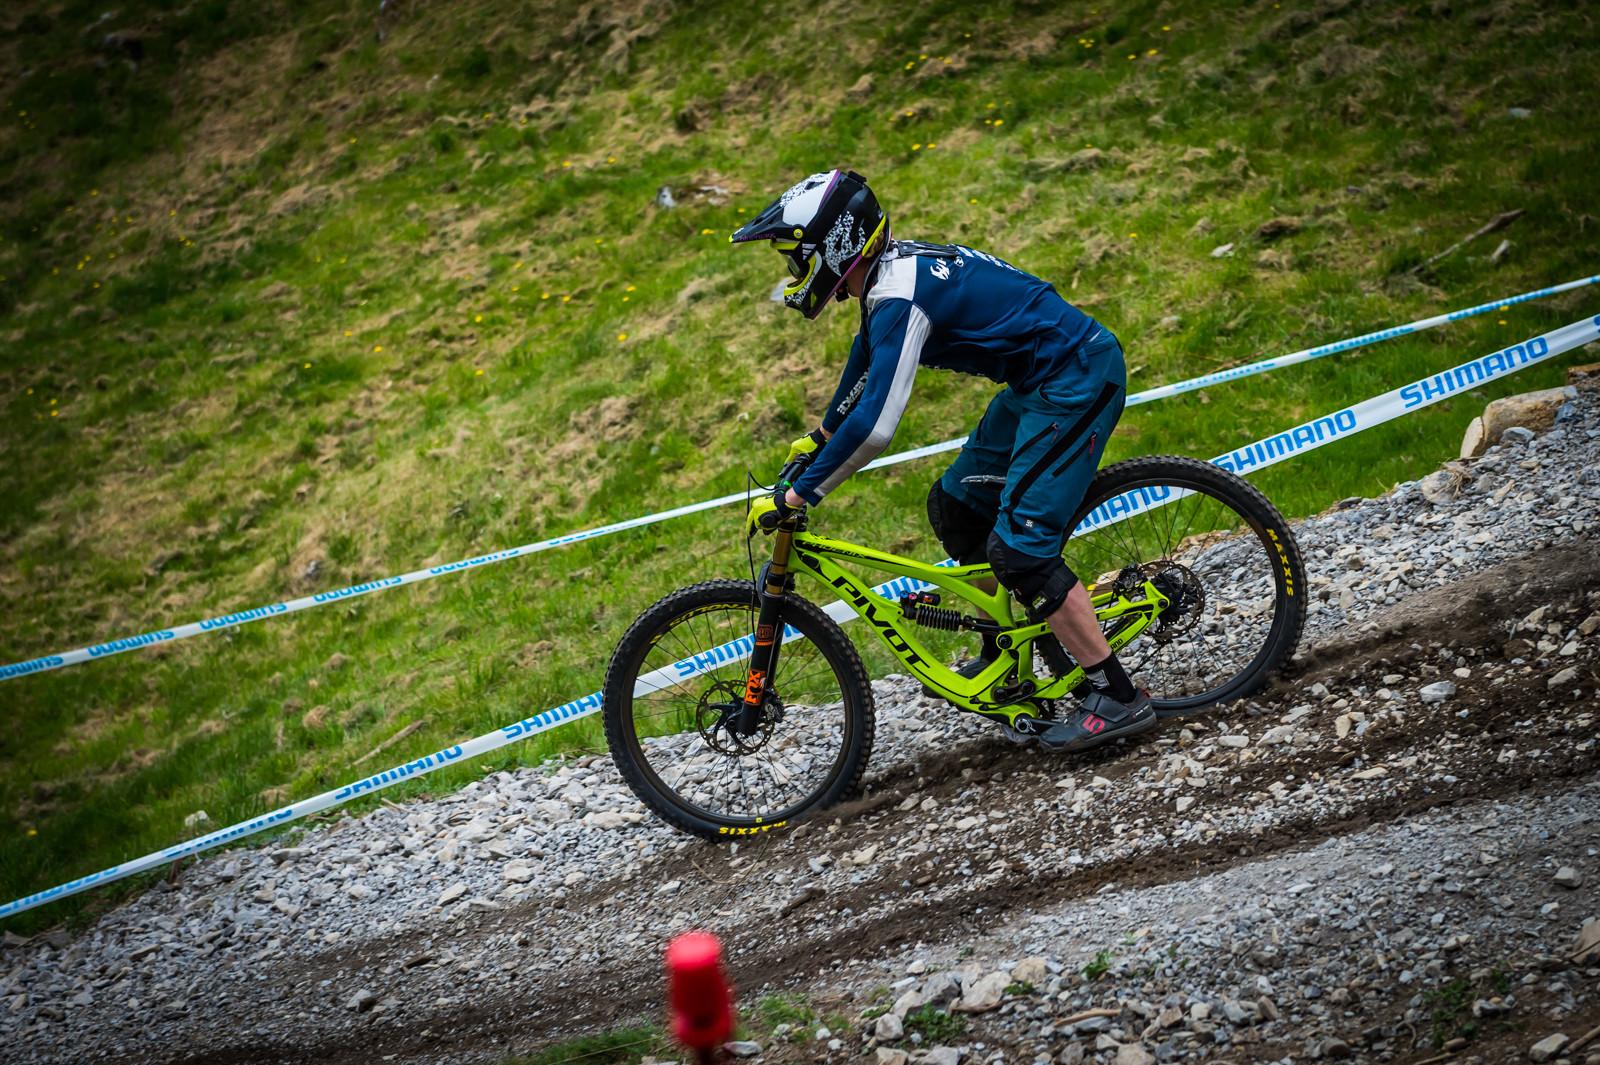 Bernard Kerr G-Out Project - Lourdes World Cup - G-Out Project - Lourdes World Cup - Mountain Biking Pictures - Vital MTB